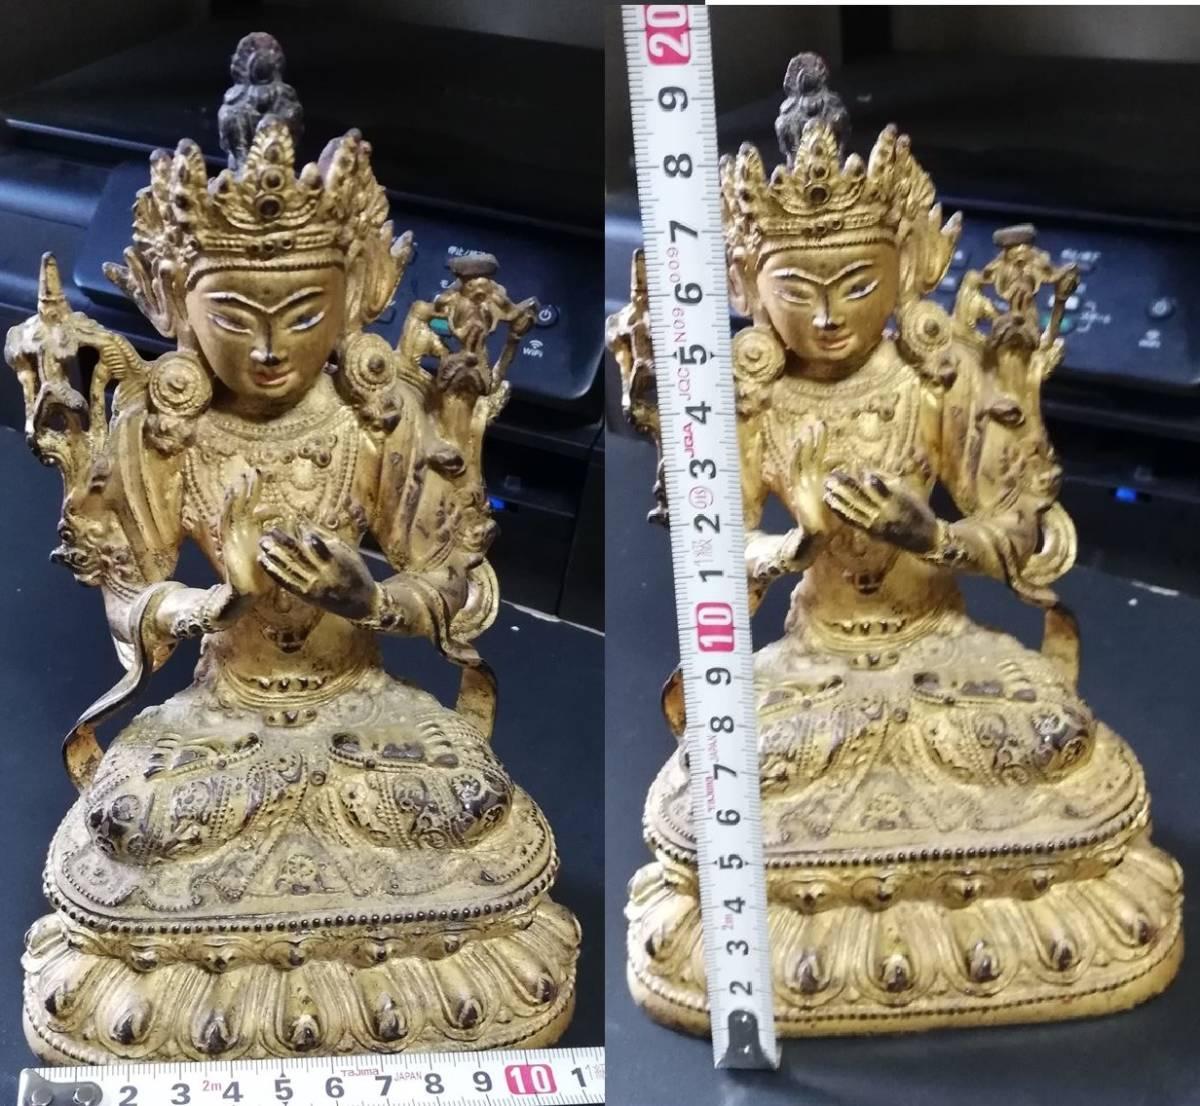 明代 銅製 銅鍍金 無量仏座像 時代保証 仏像 仏教像古美術 箱付 中国古玩骨董_画像8